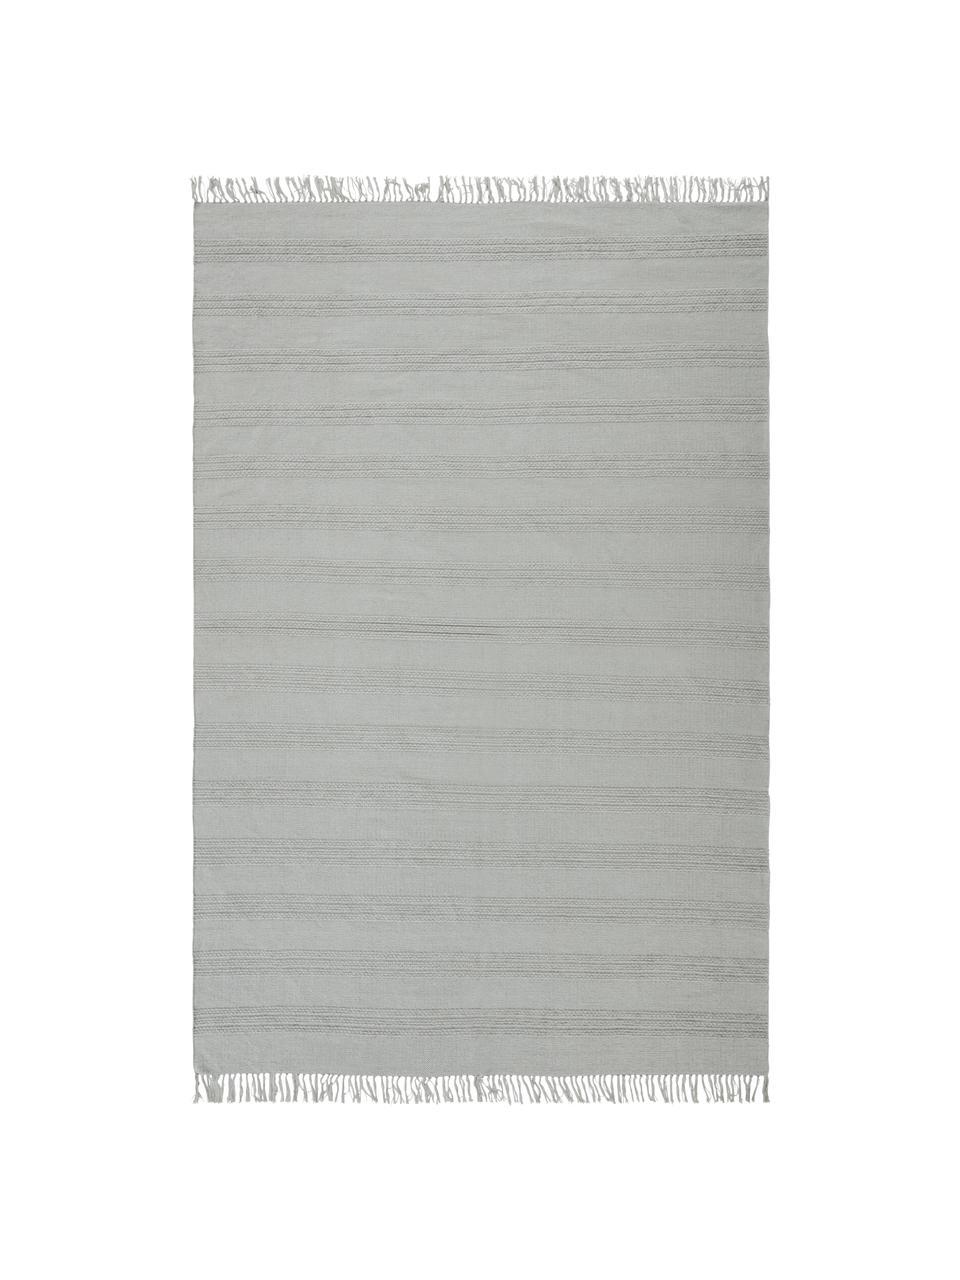 Dywan z bawełny Tanya, 100% bawełna, Jasny szary, S 200 x D 300 cm (Rozmiar L)